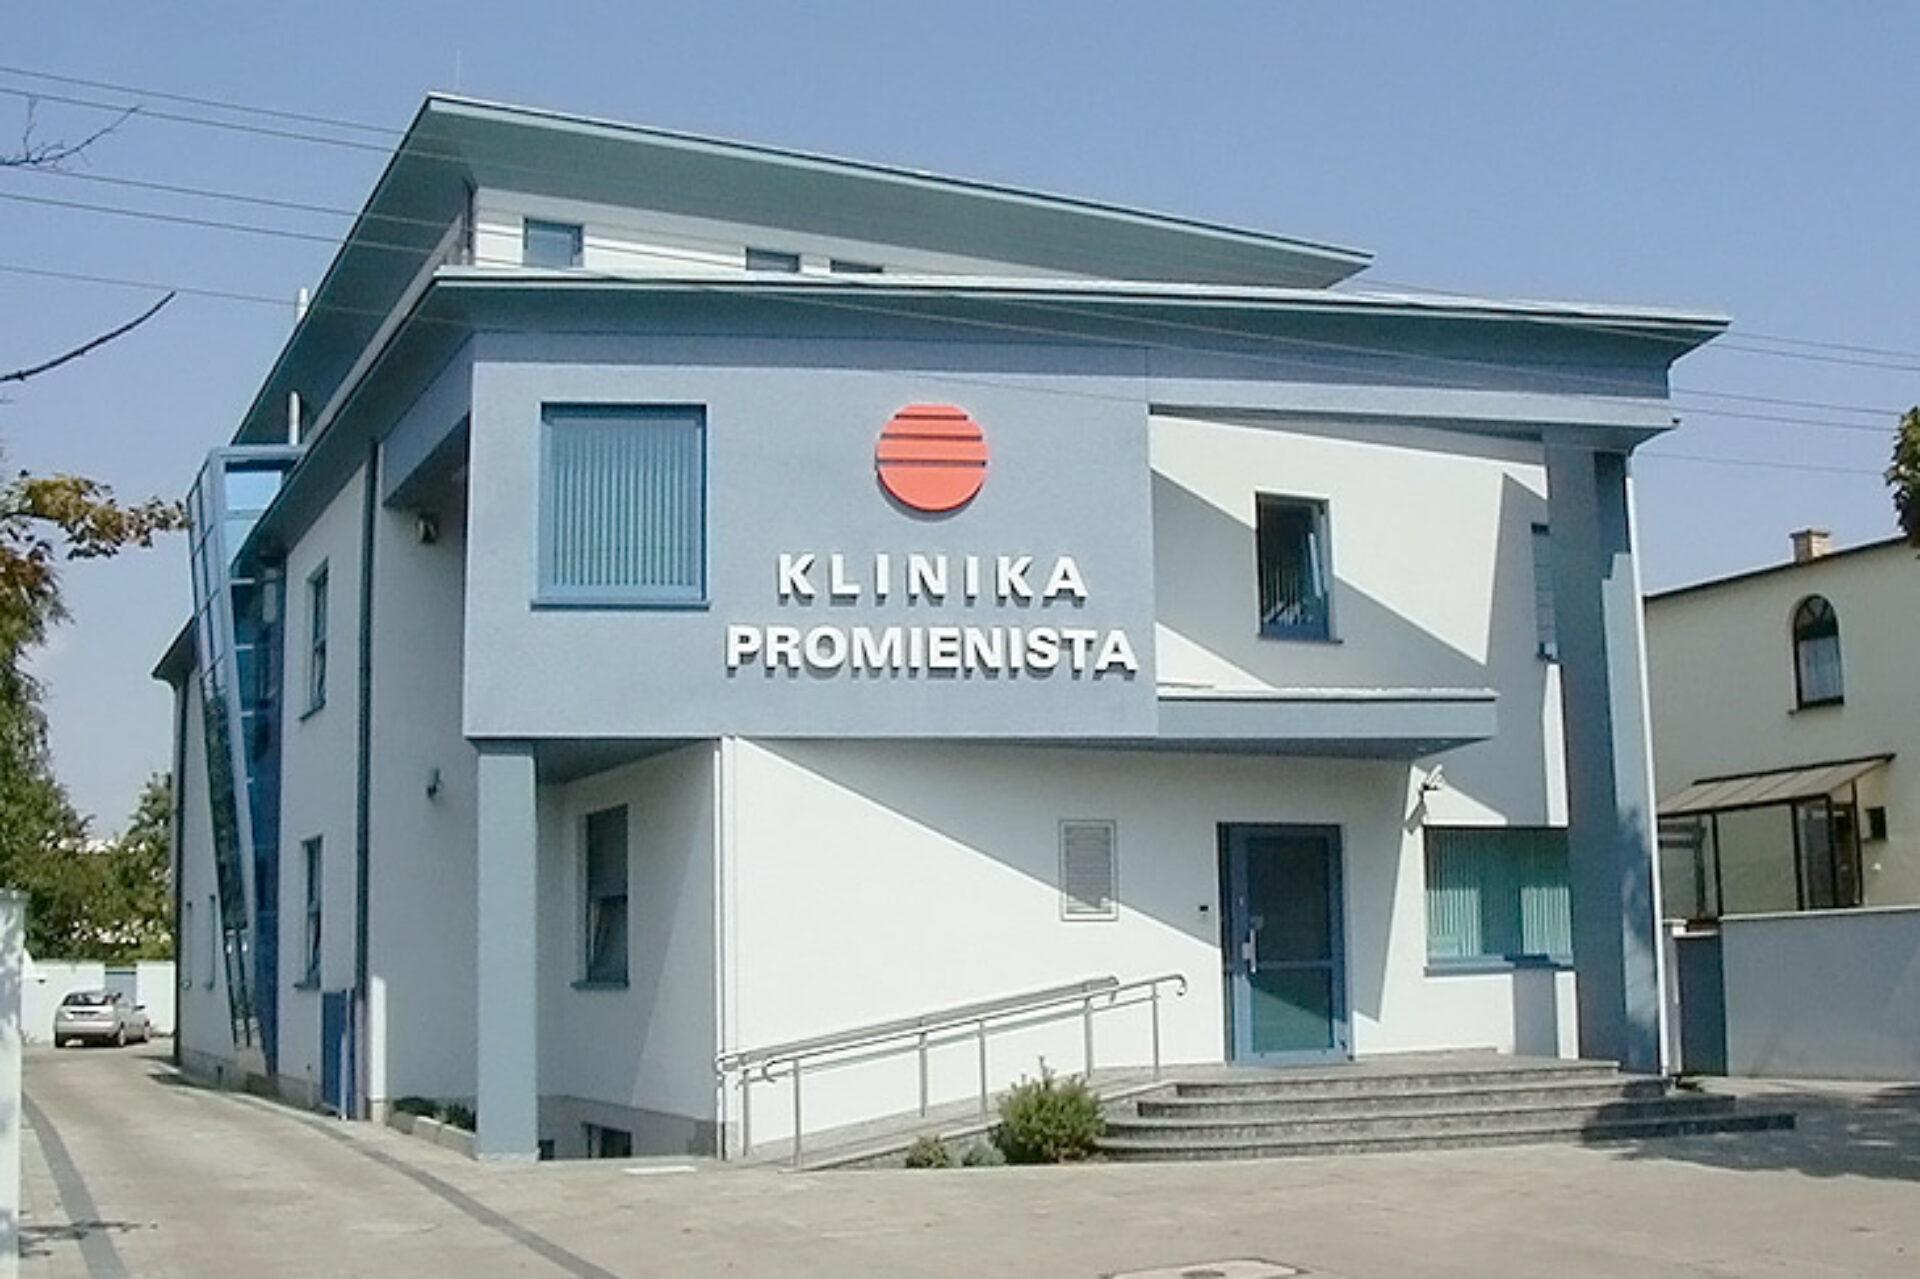 Klinika Promienista Poznań - Prywatny Szpital